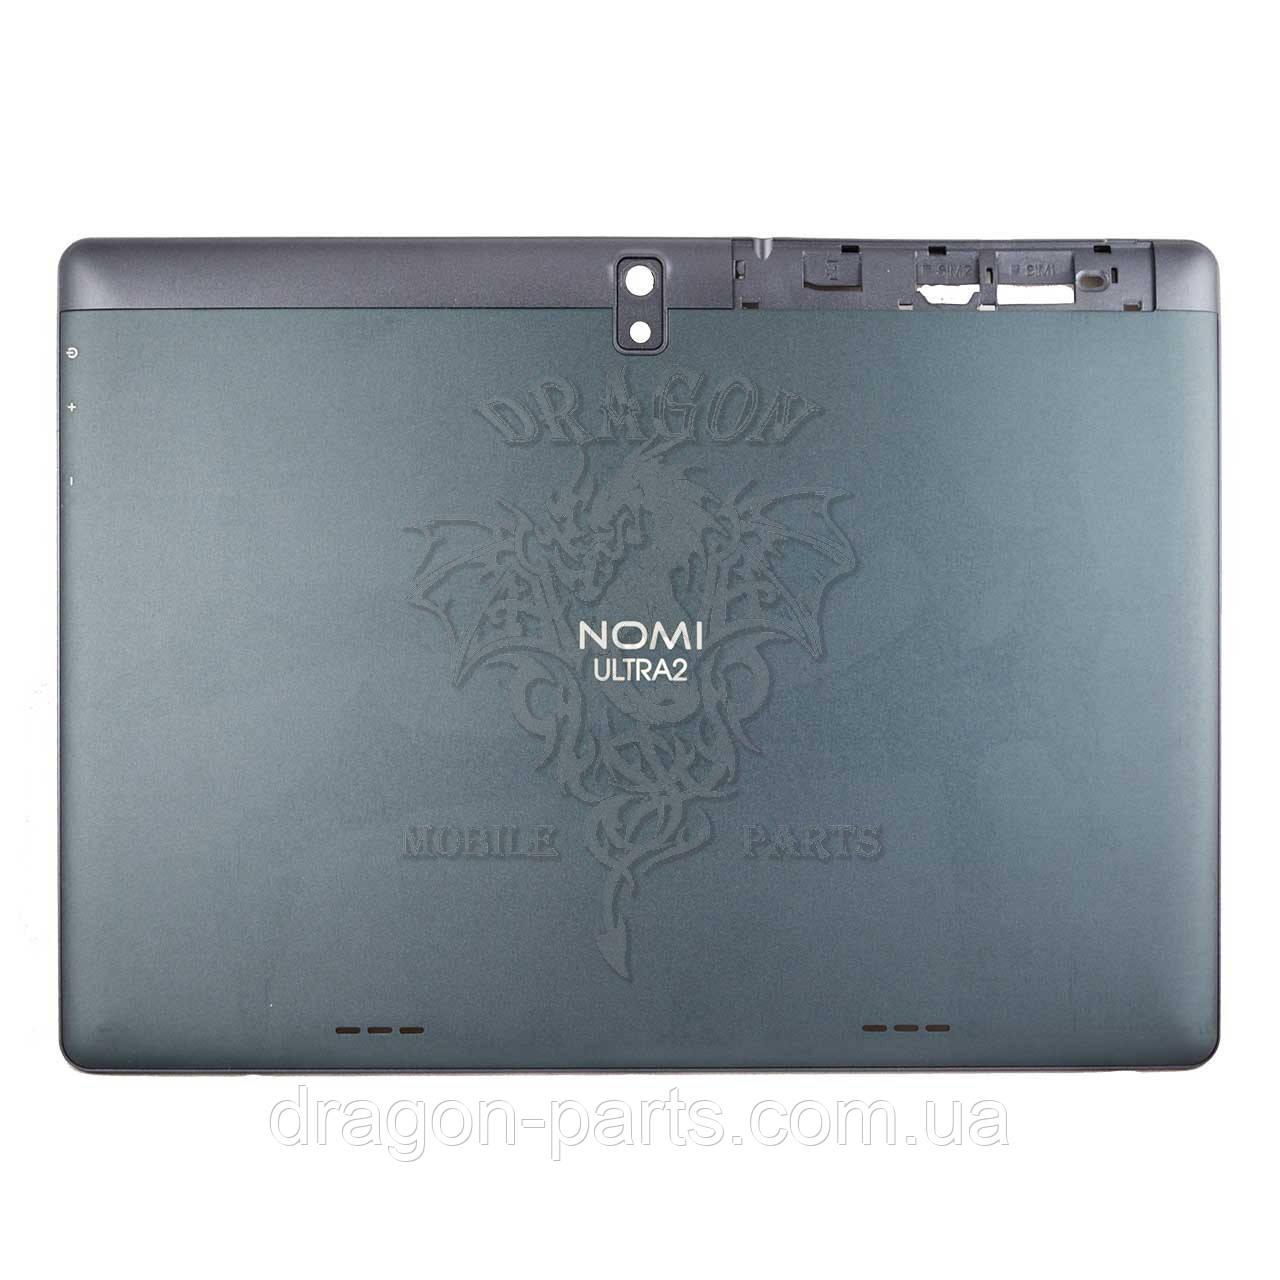 Задняя крышка панель Nomi Ultra 2 C101010 серая, оригинал